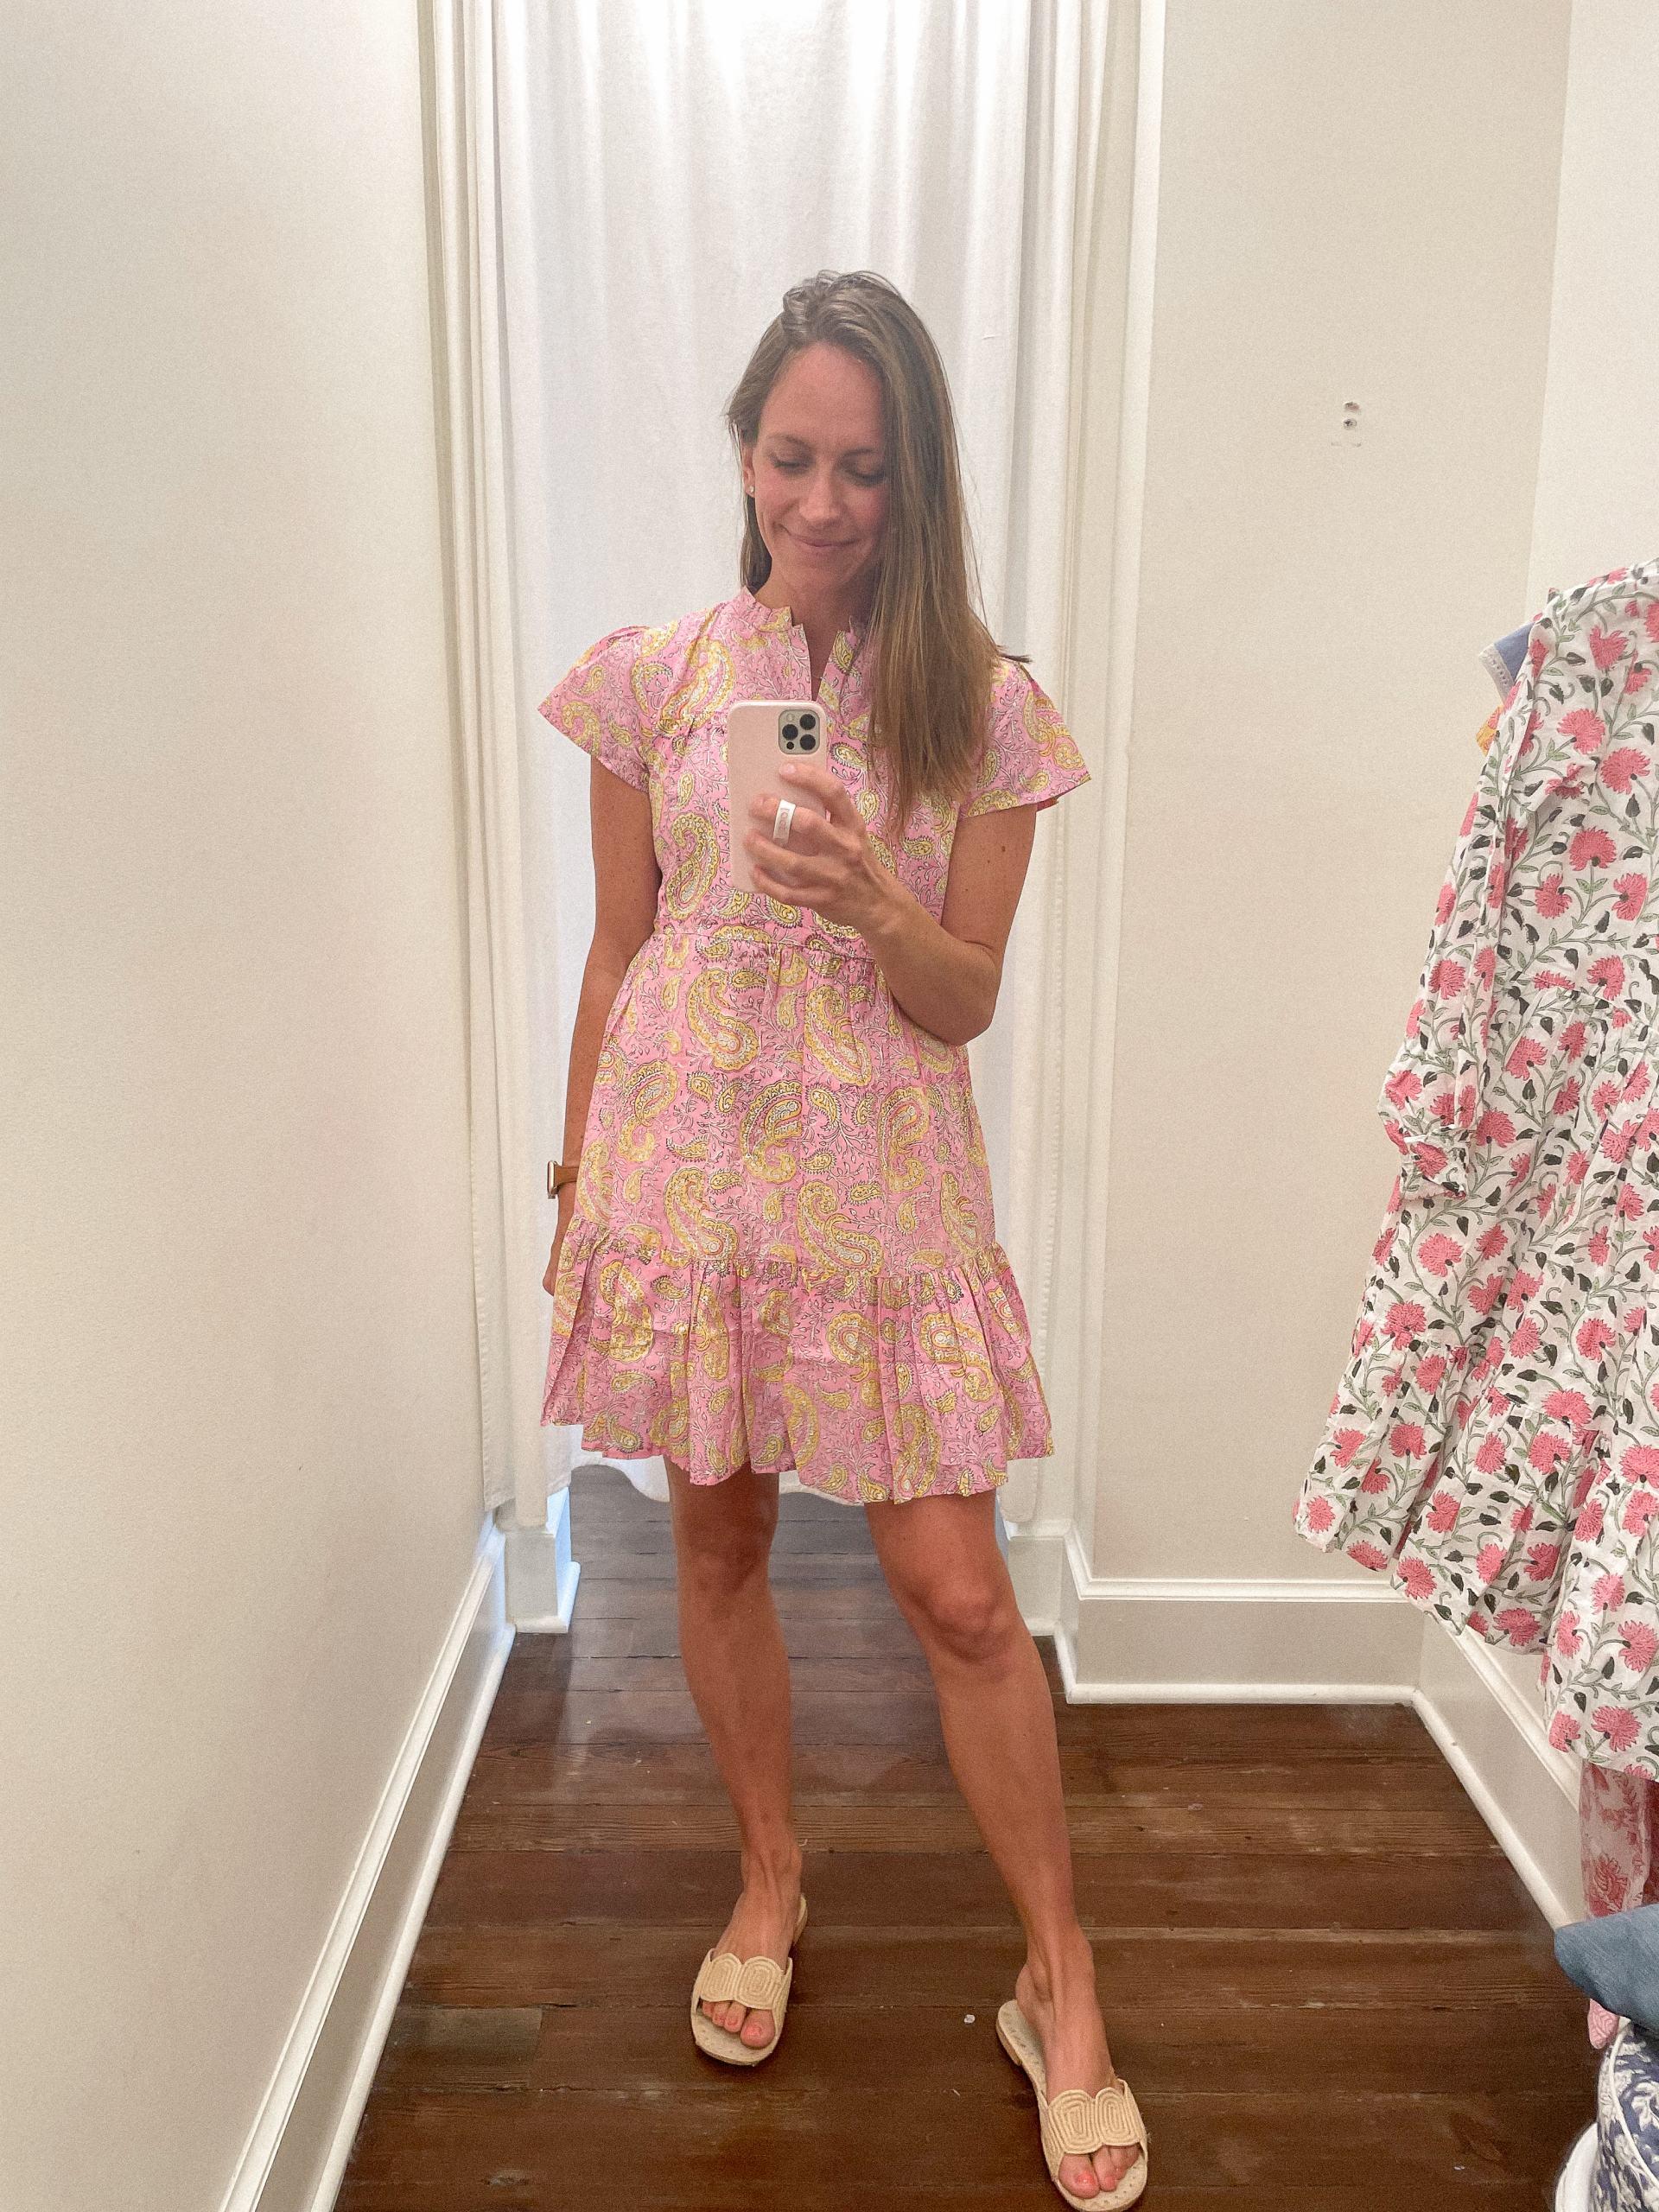 Folly mini dress - Madison Mathews - Madison Mathews discount code - madison mathews sizing - block print dress